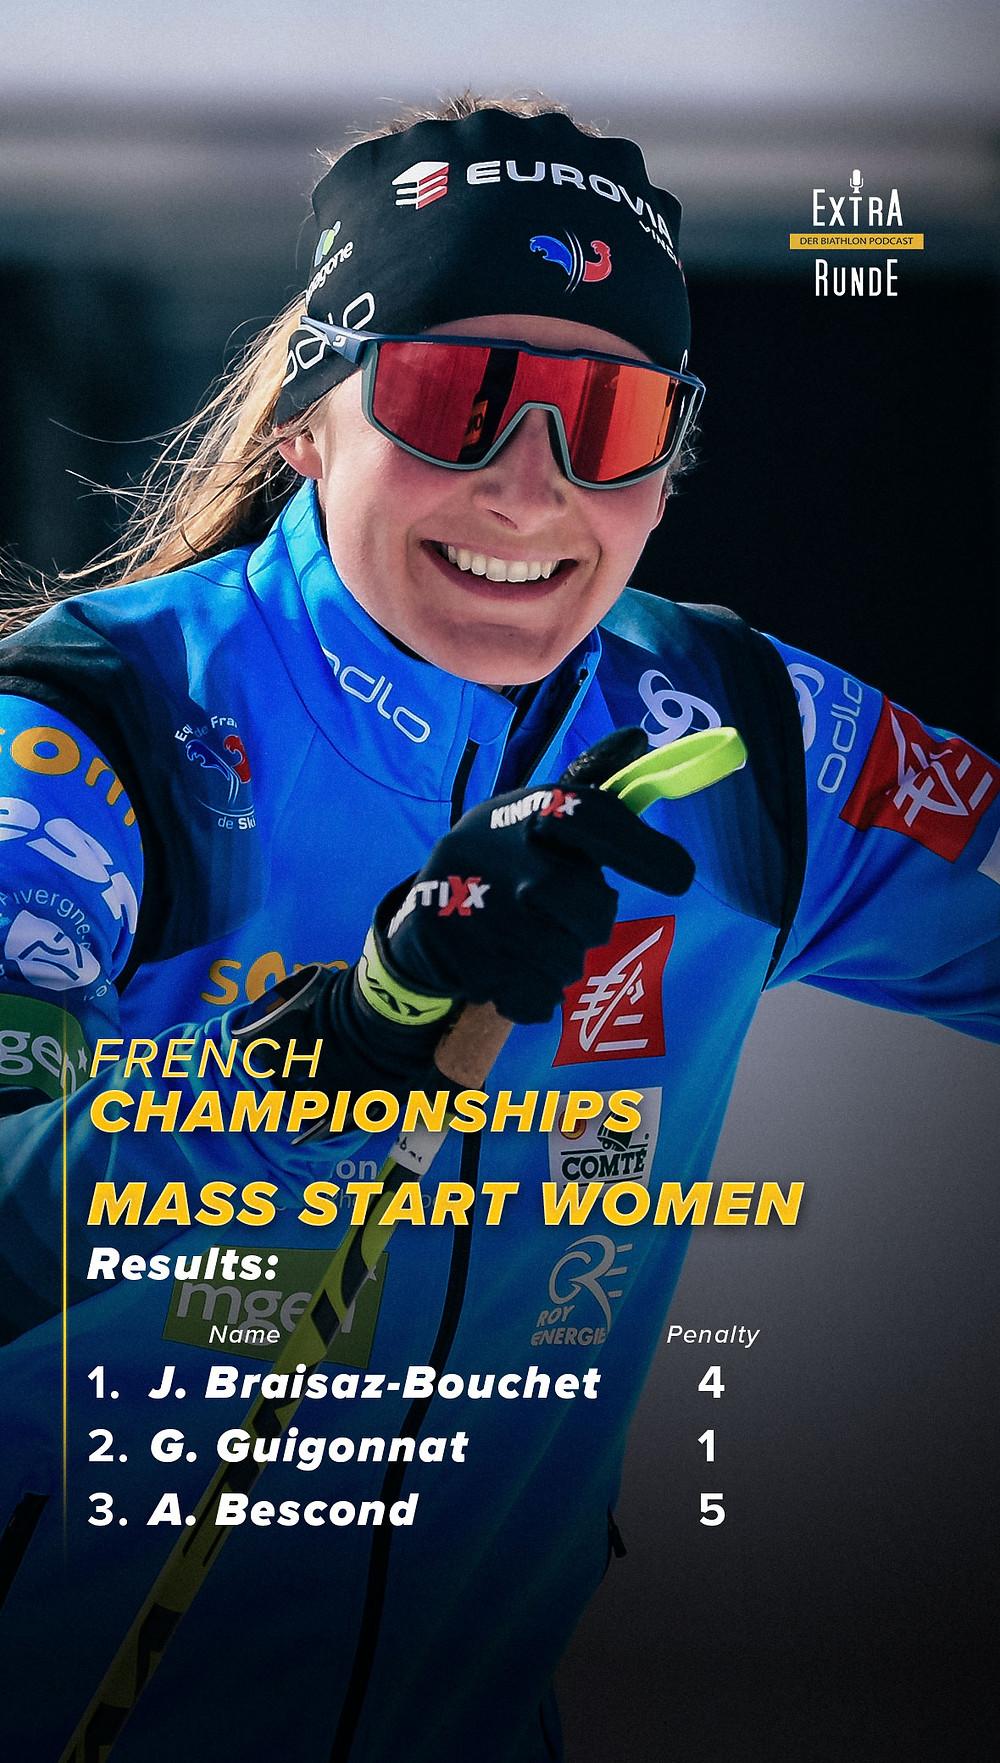 Den Massenstart bei den nationalen Meisterschaften in Frankreich gewinnt Justin Braisaz-Bouchet